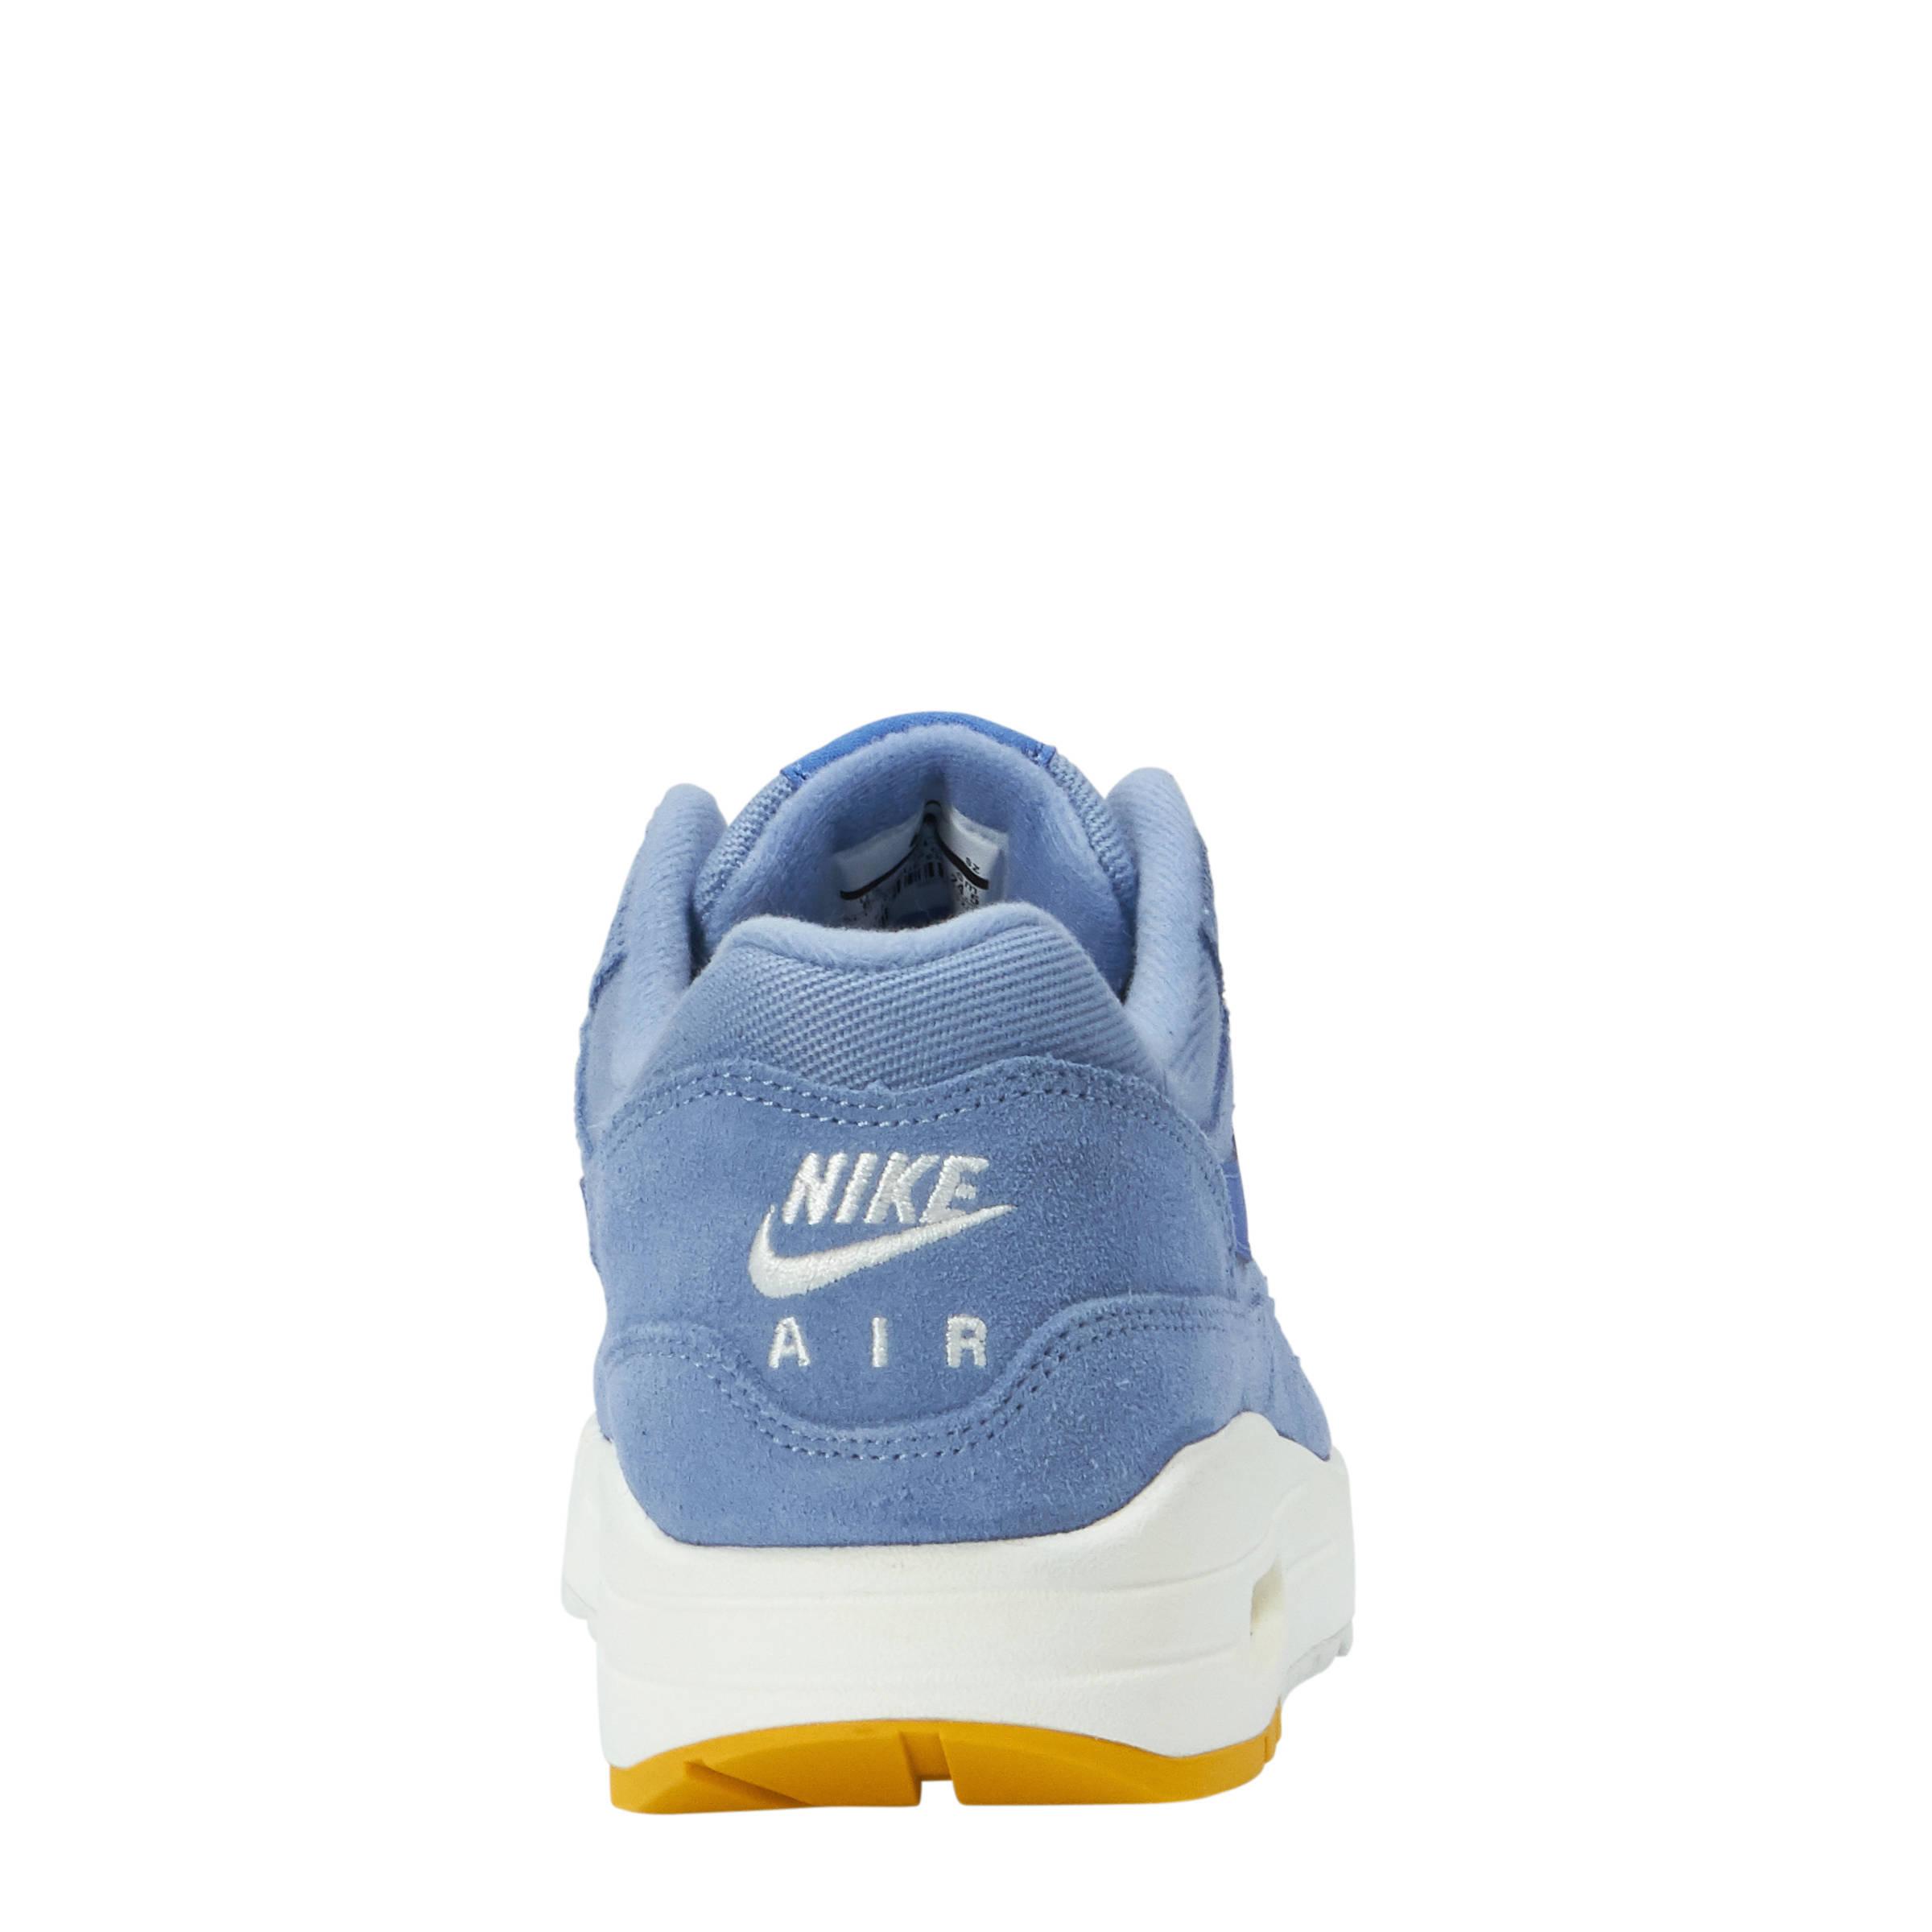 nike air max 1 blauw